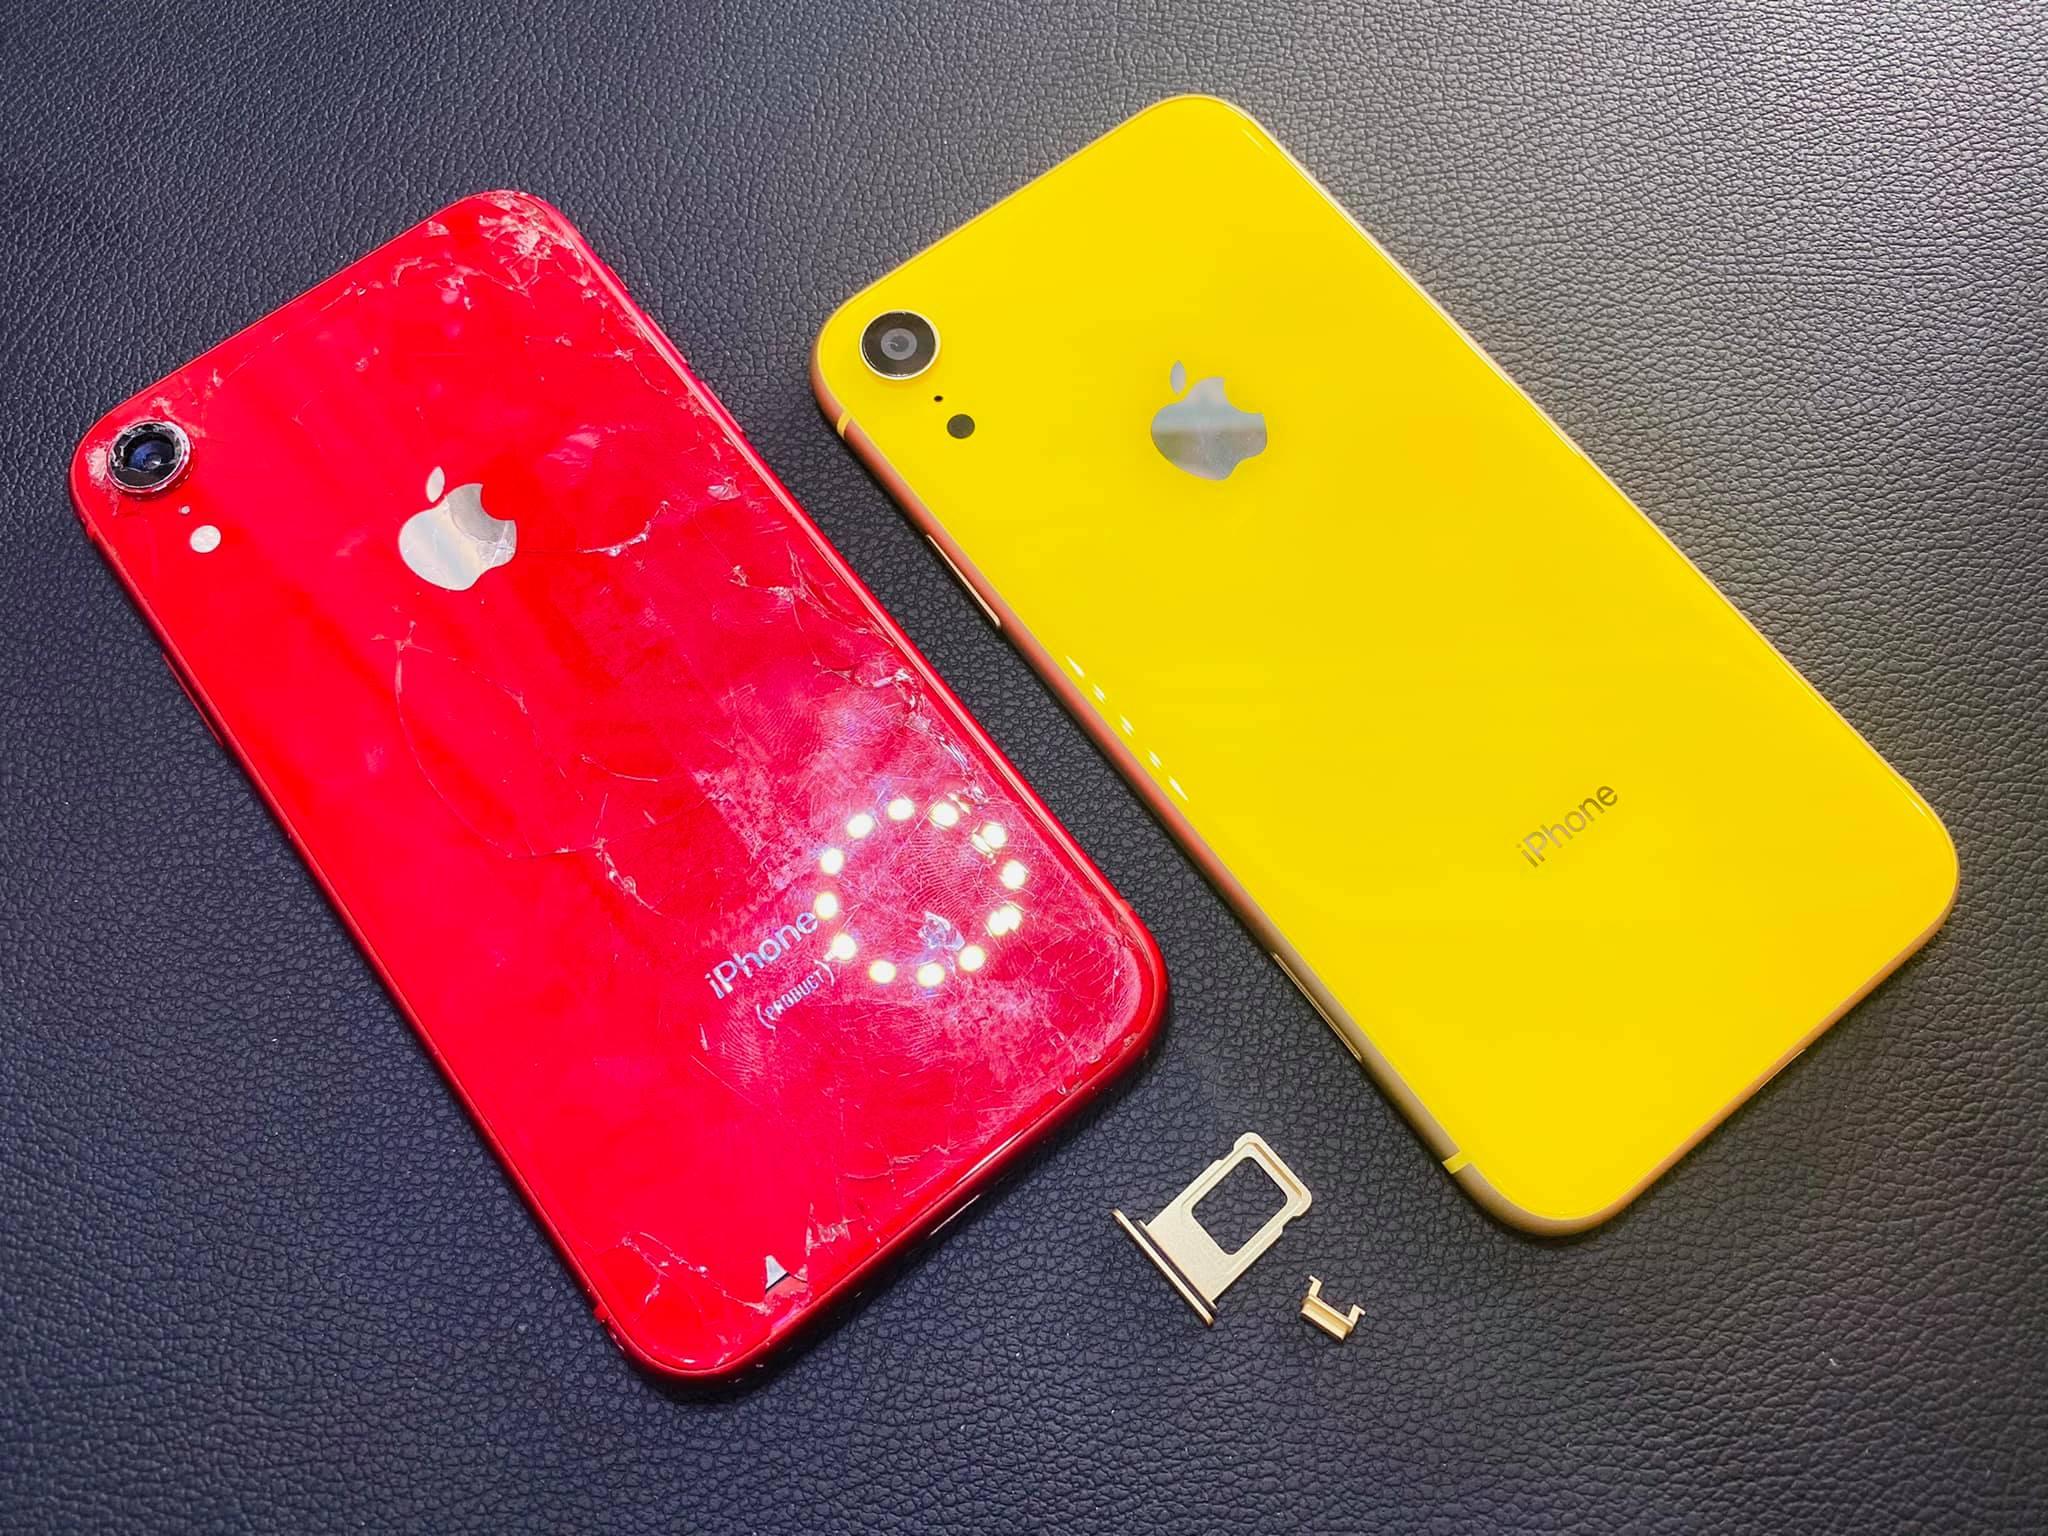 Thay Vỏ iPhone Xr Uy Tín Chất Lượng Số 1 Bà Rịa Vũng Tàu